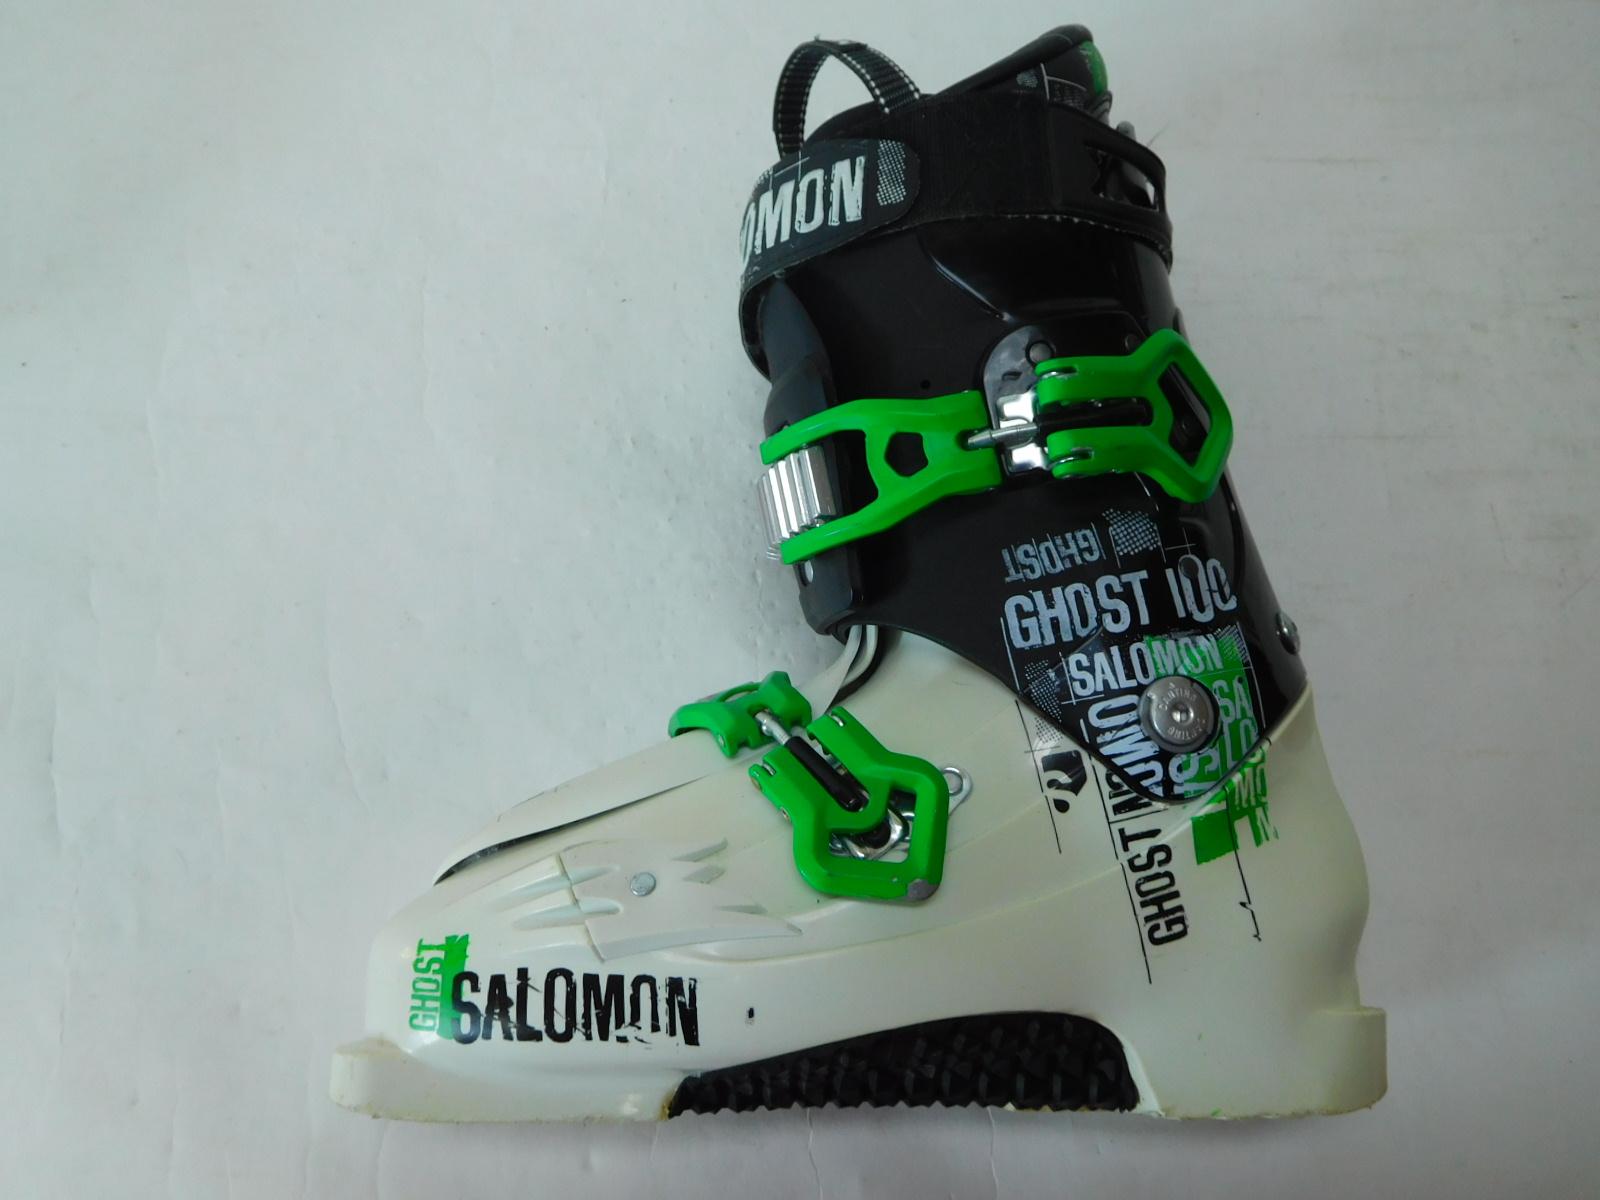 Salomon Ghost 100 wkł.28cm(43),(2012), [1351]